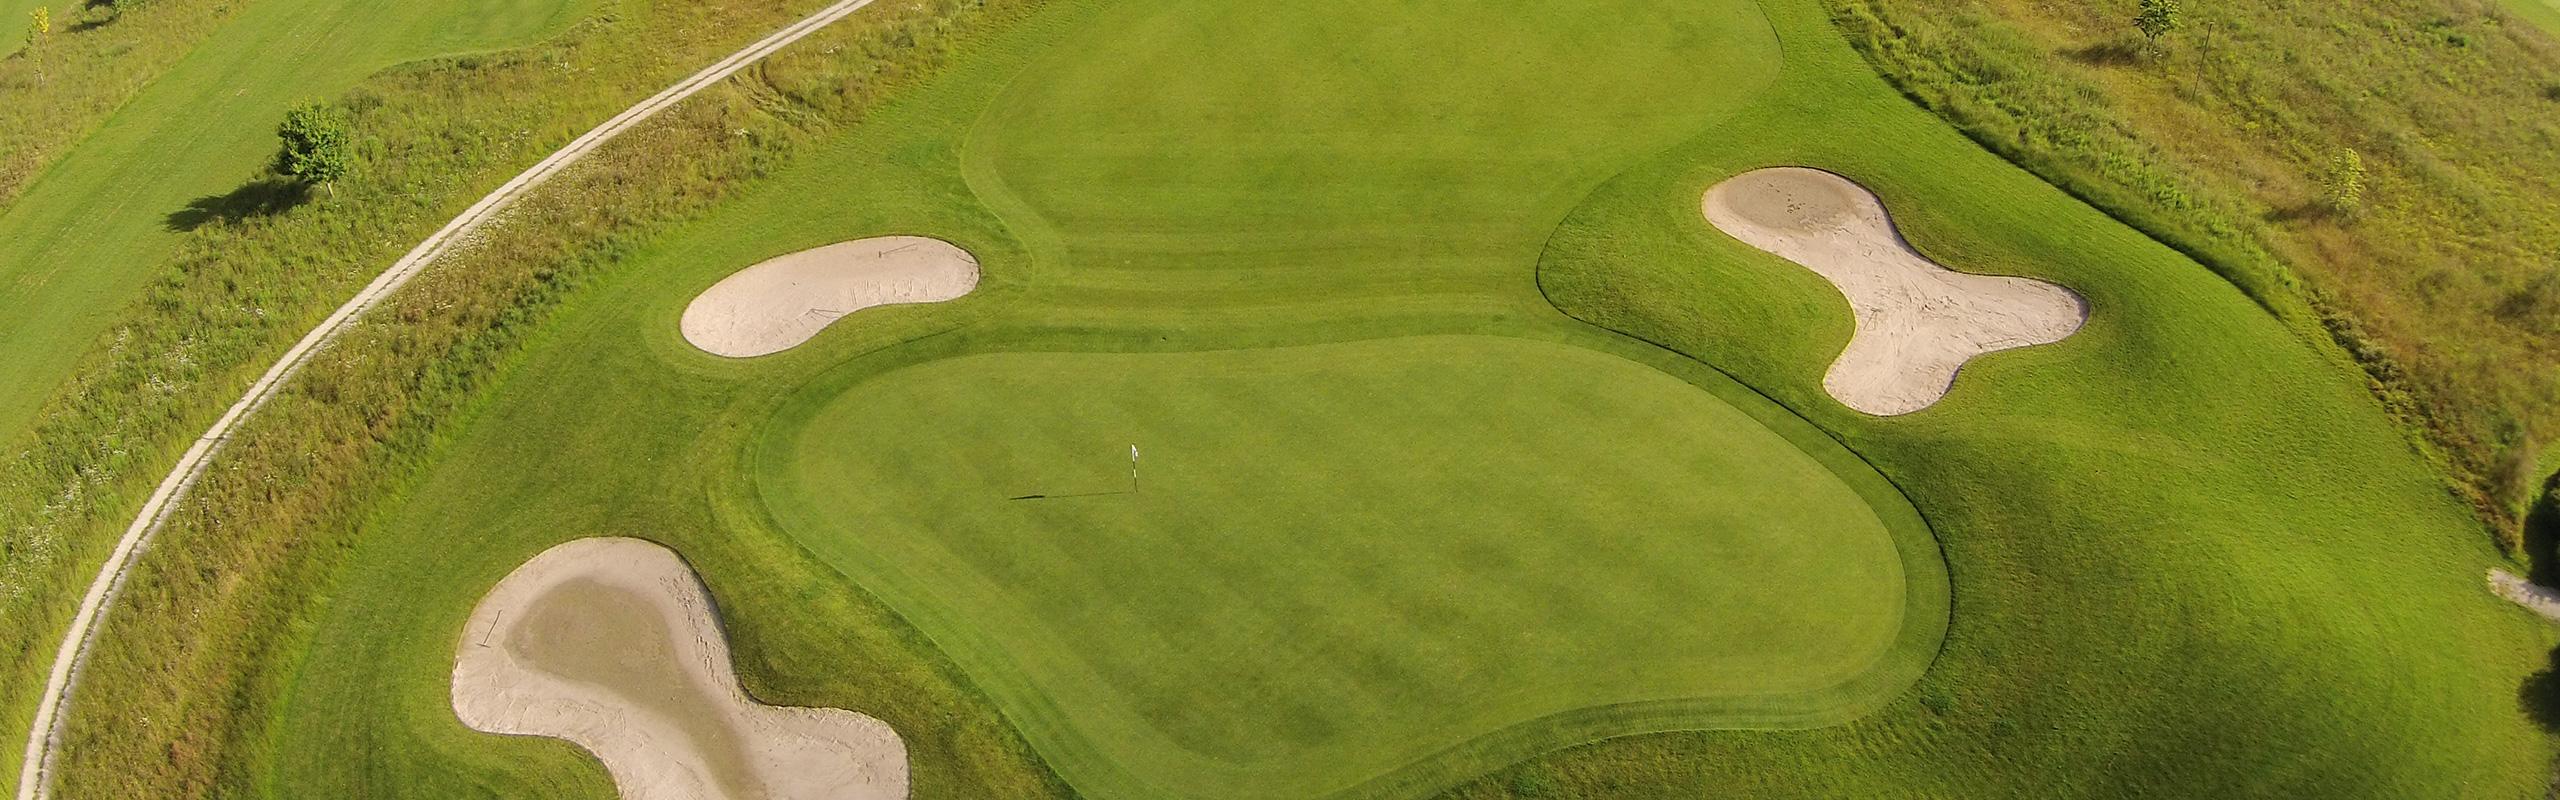 Golfplatz_Luftbild5